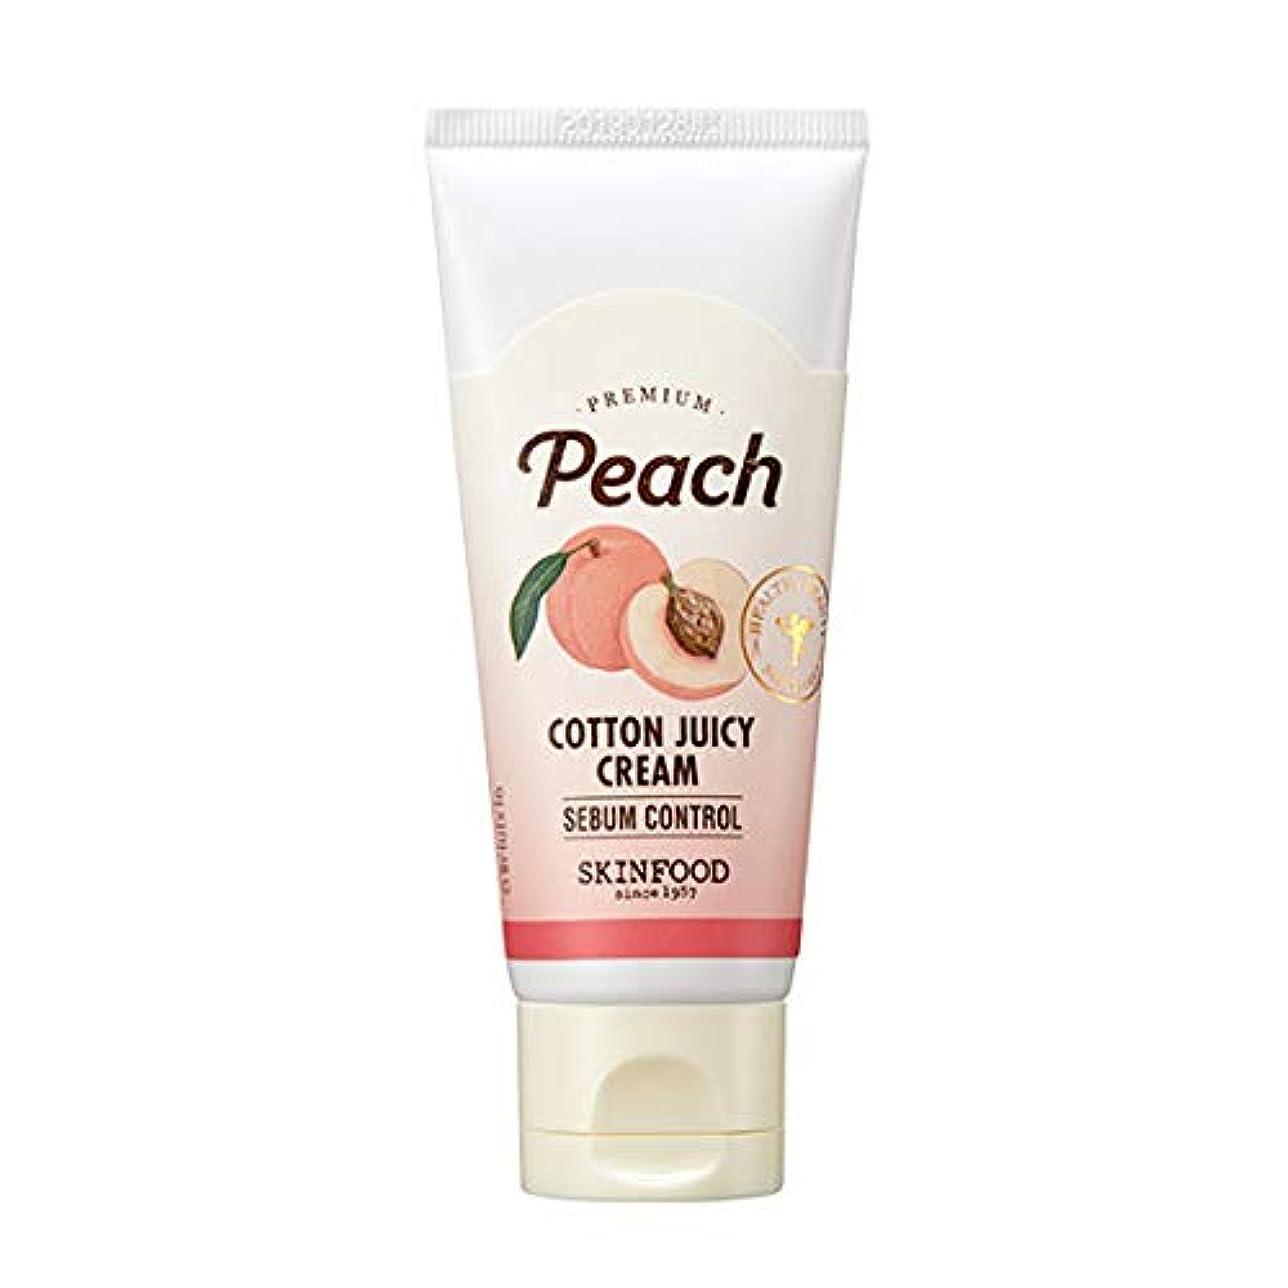 報復。苦味Skinfood プレミアムピーチコットンジューシークリーム/Premium Peach Cotton Juicy Cream 60ml [並行輸入品]